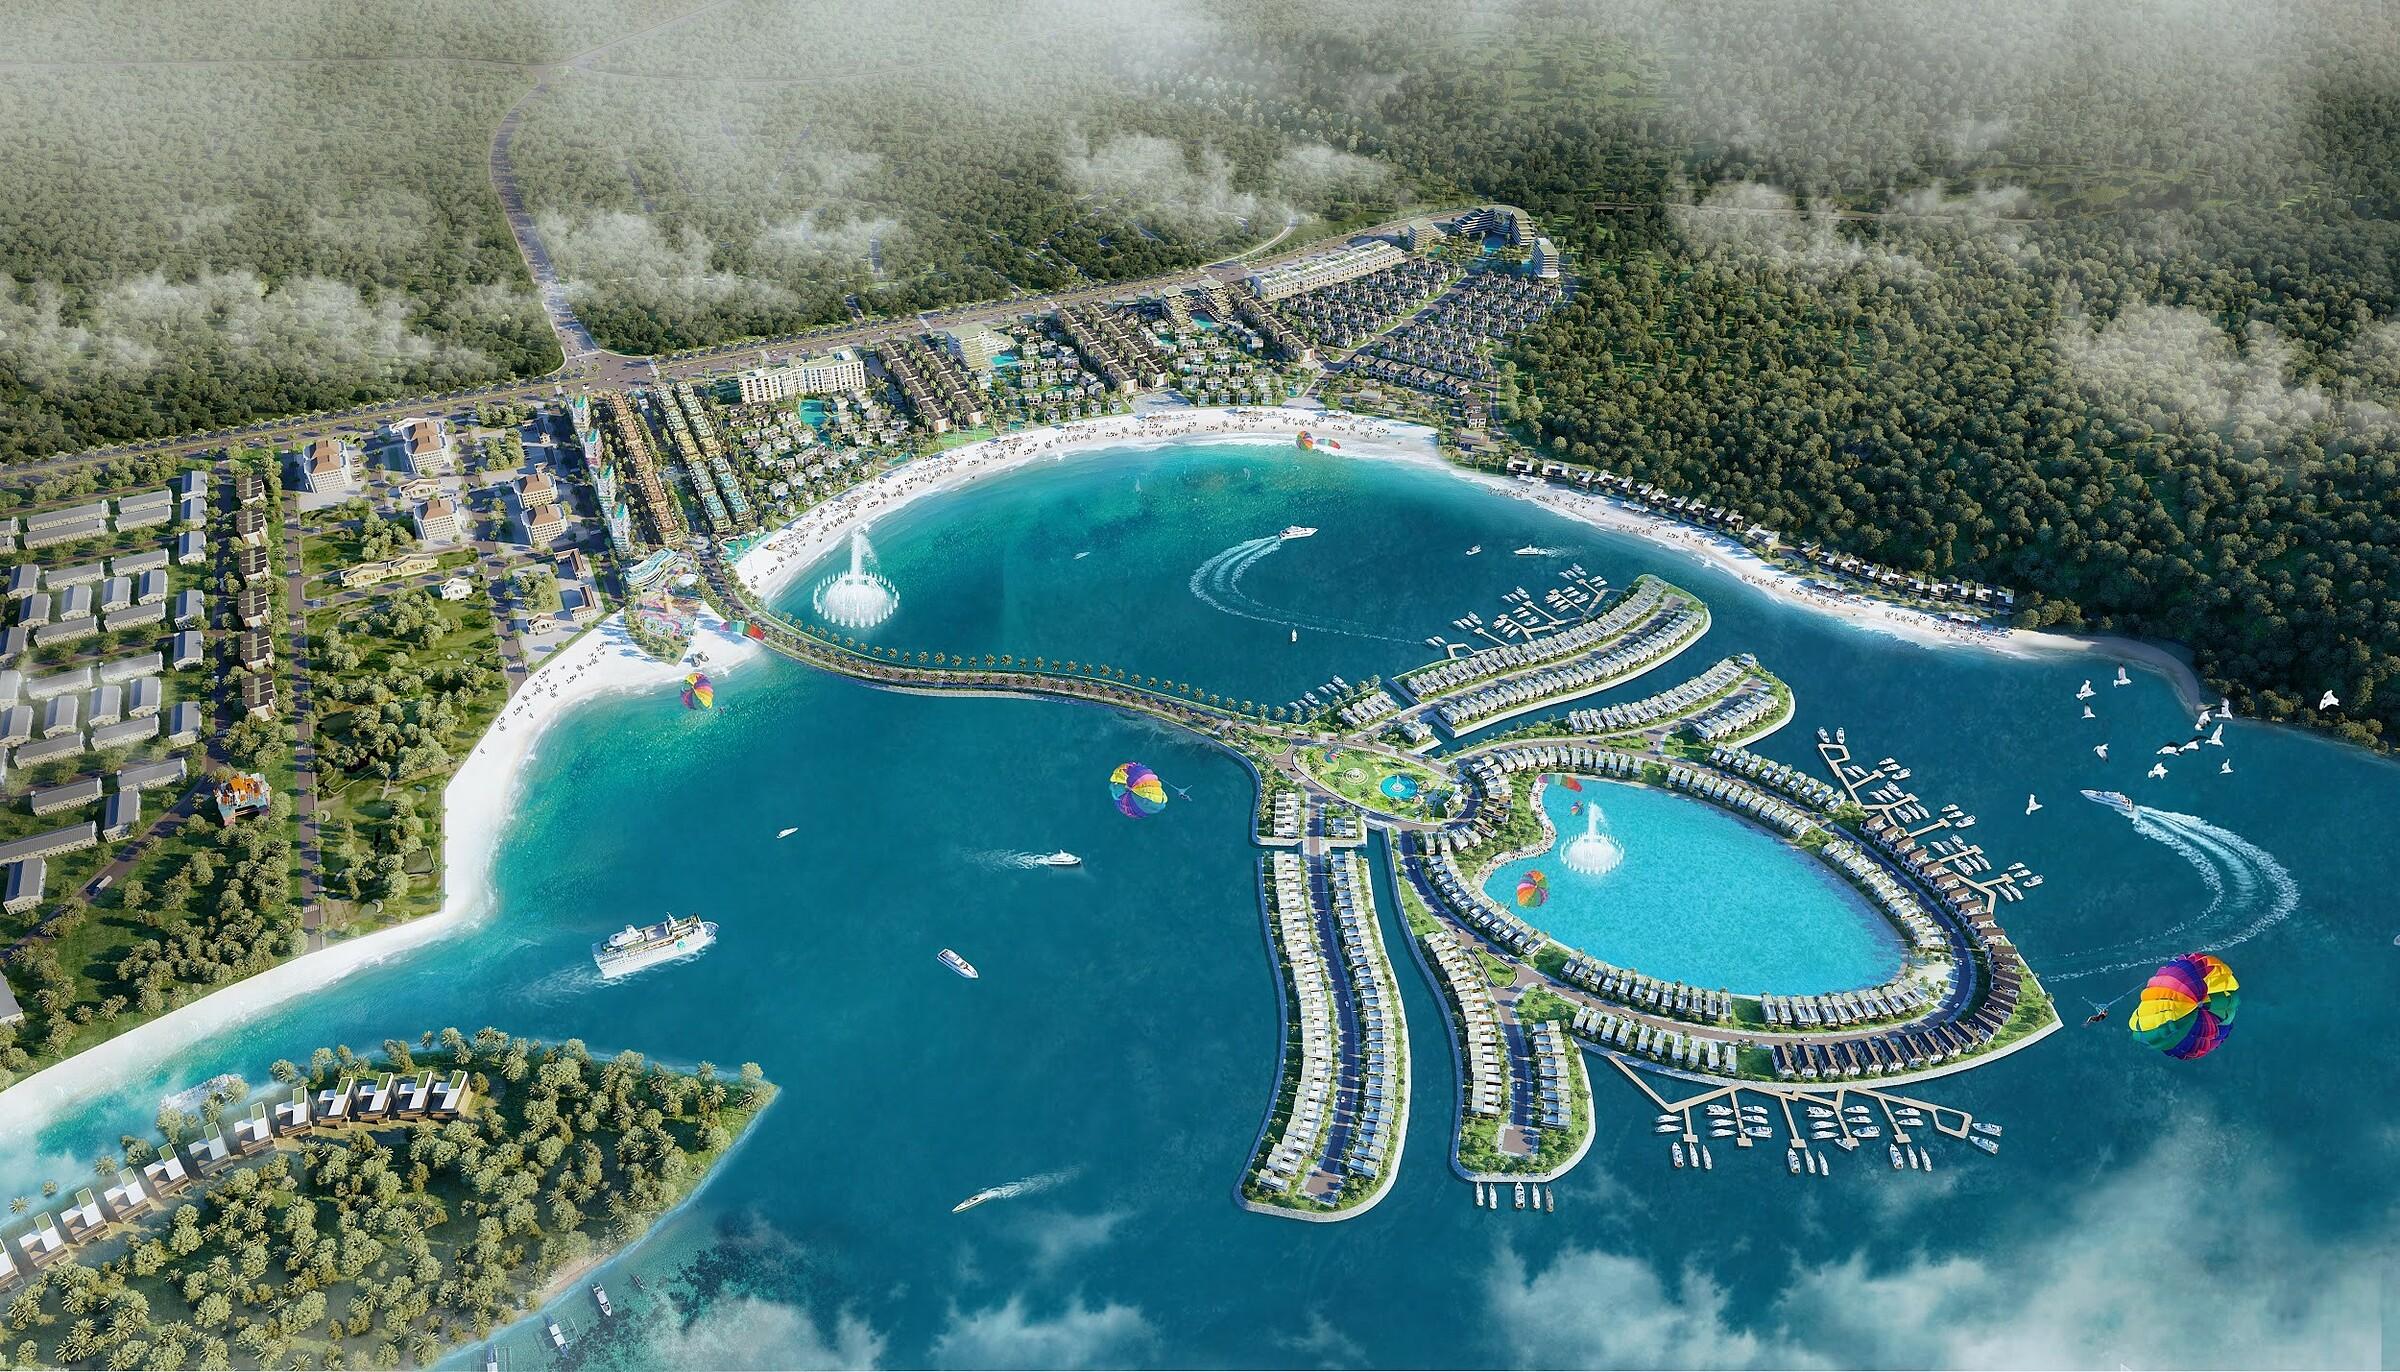 Phối cảnh phân khu đảo hoa sen nhân tạo tại dự án Selavia. Ảnh: TTC Phú Quốc.